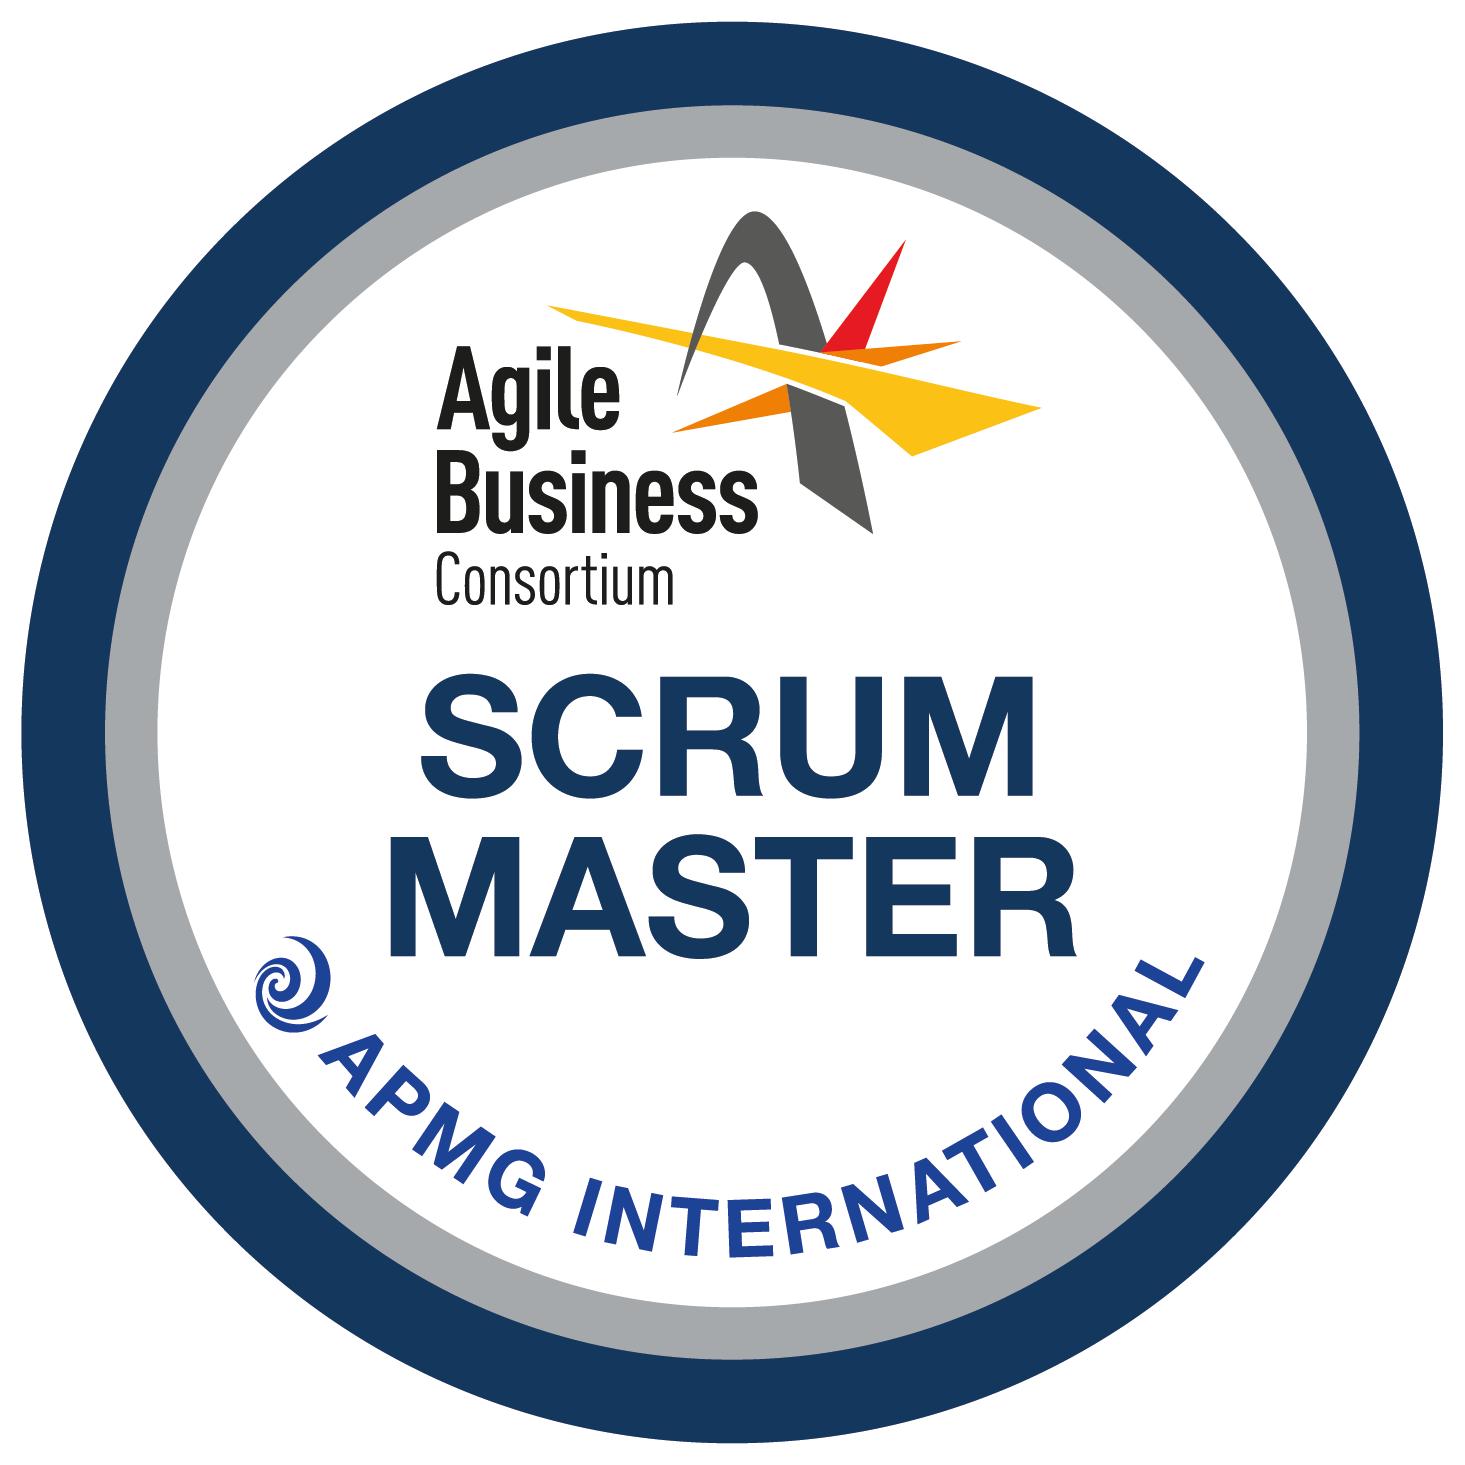 Agile Business Consortium Scrum Master logo